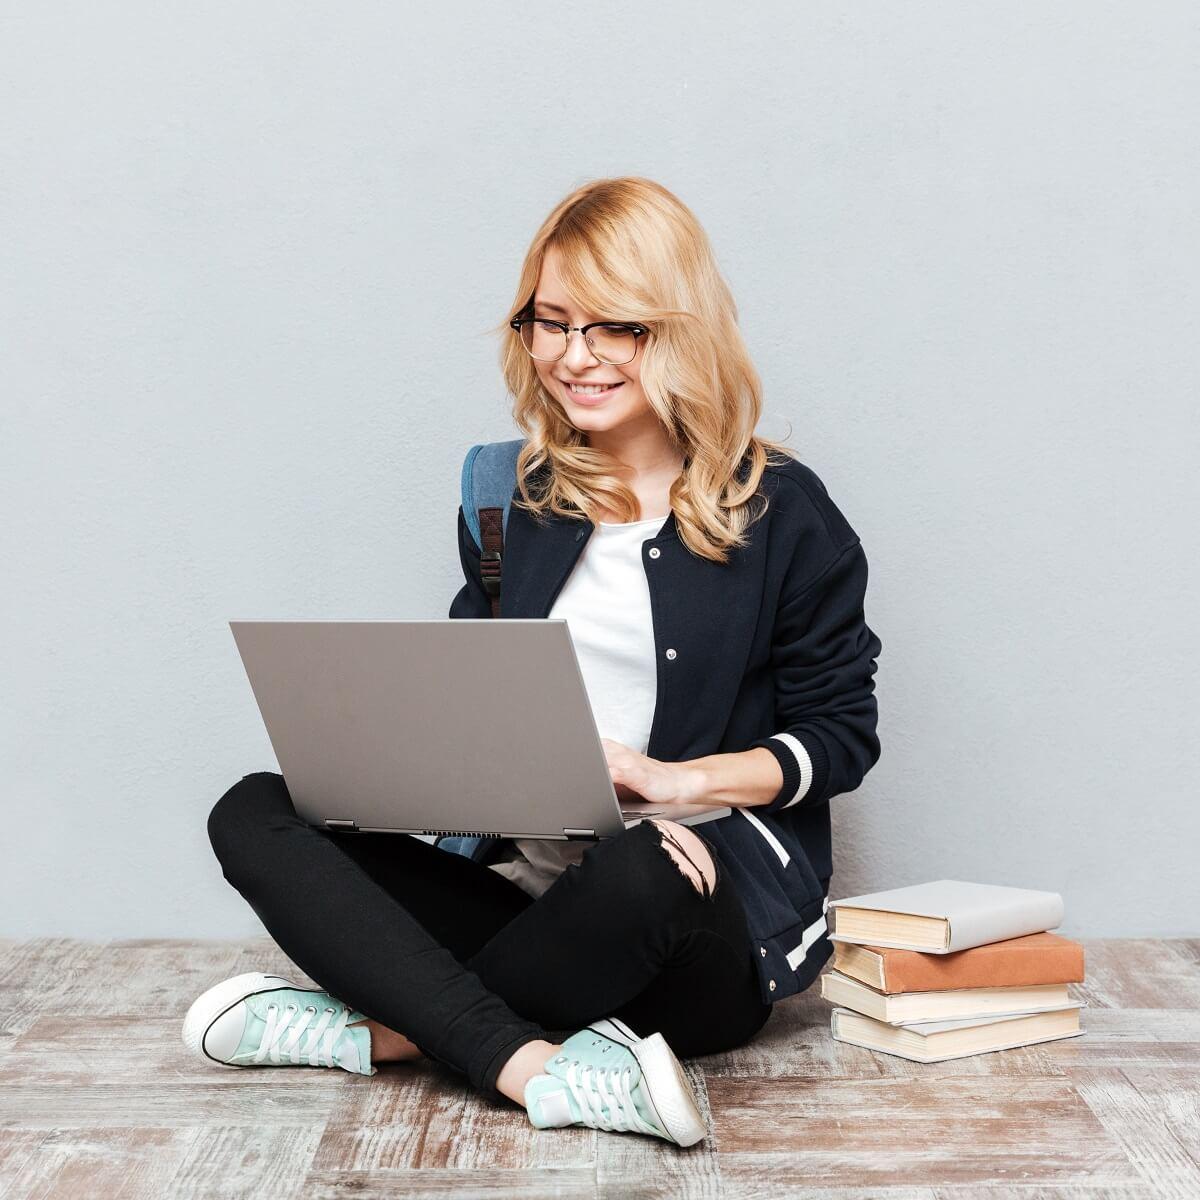 地べたに座って、ブログを勉強している様子。